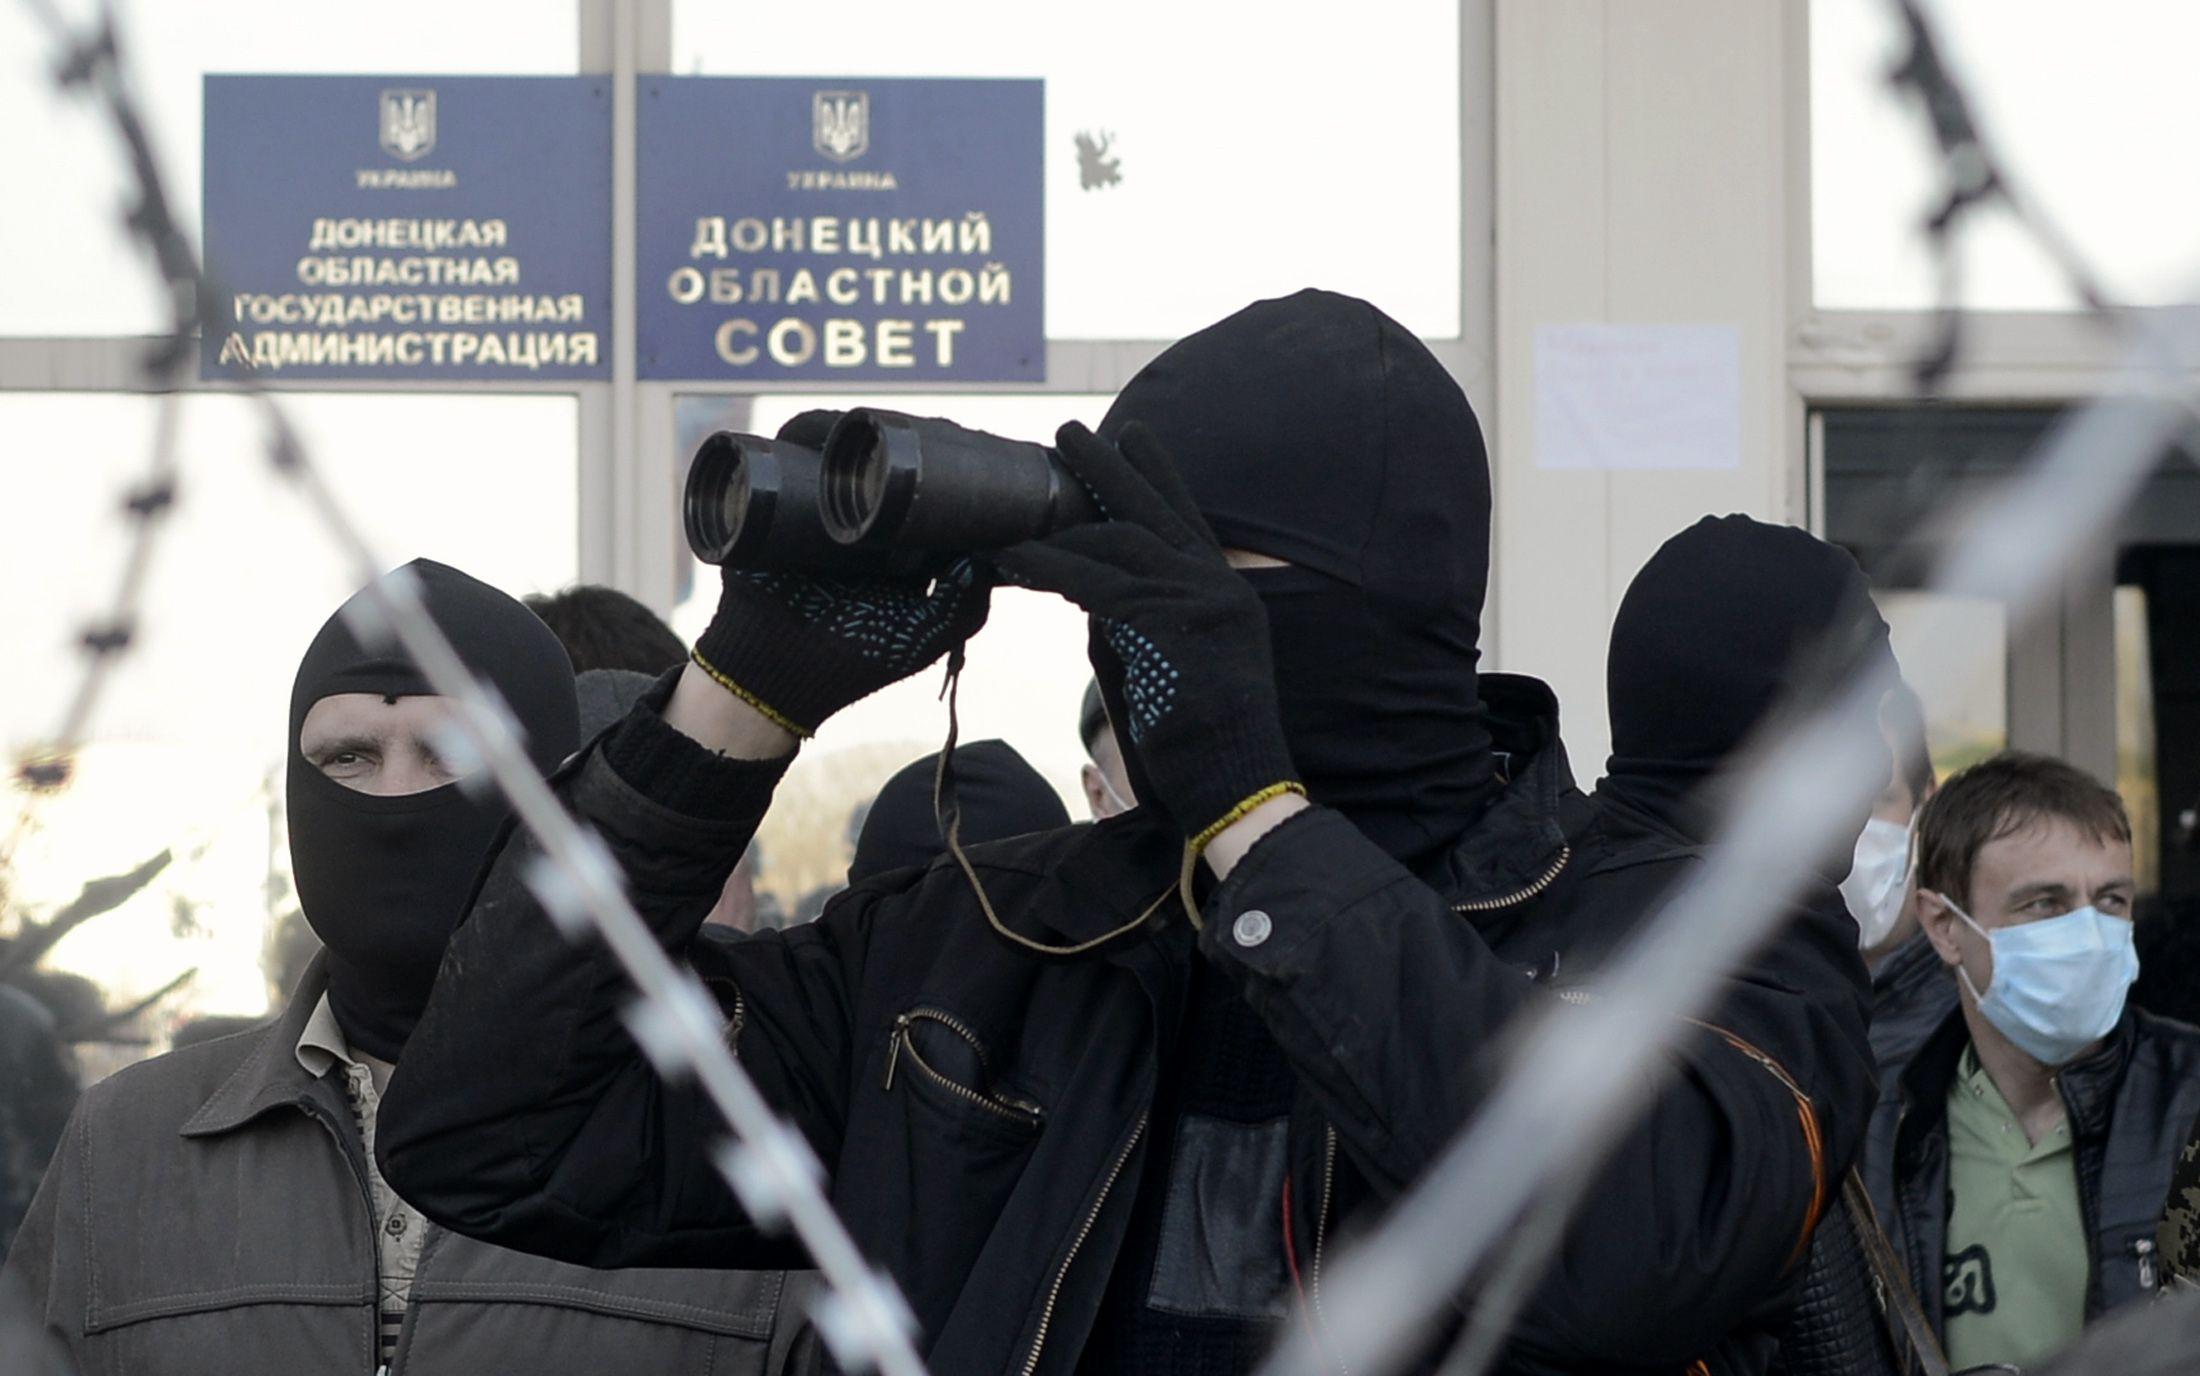 Ukraine pro-russian protester